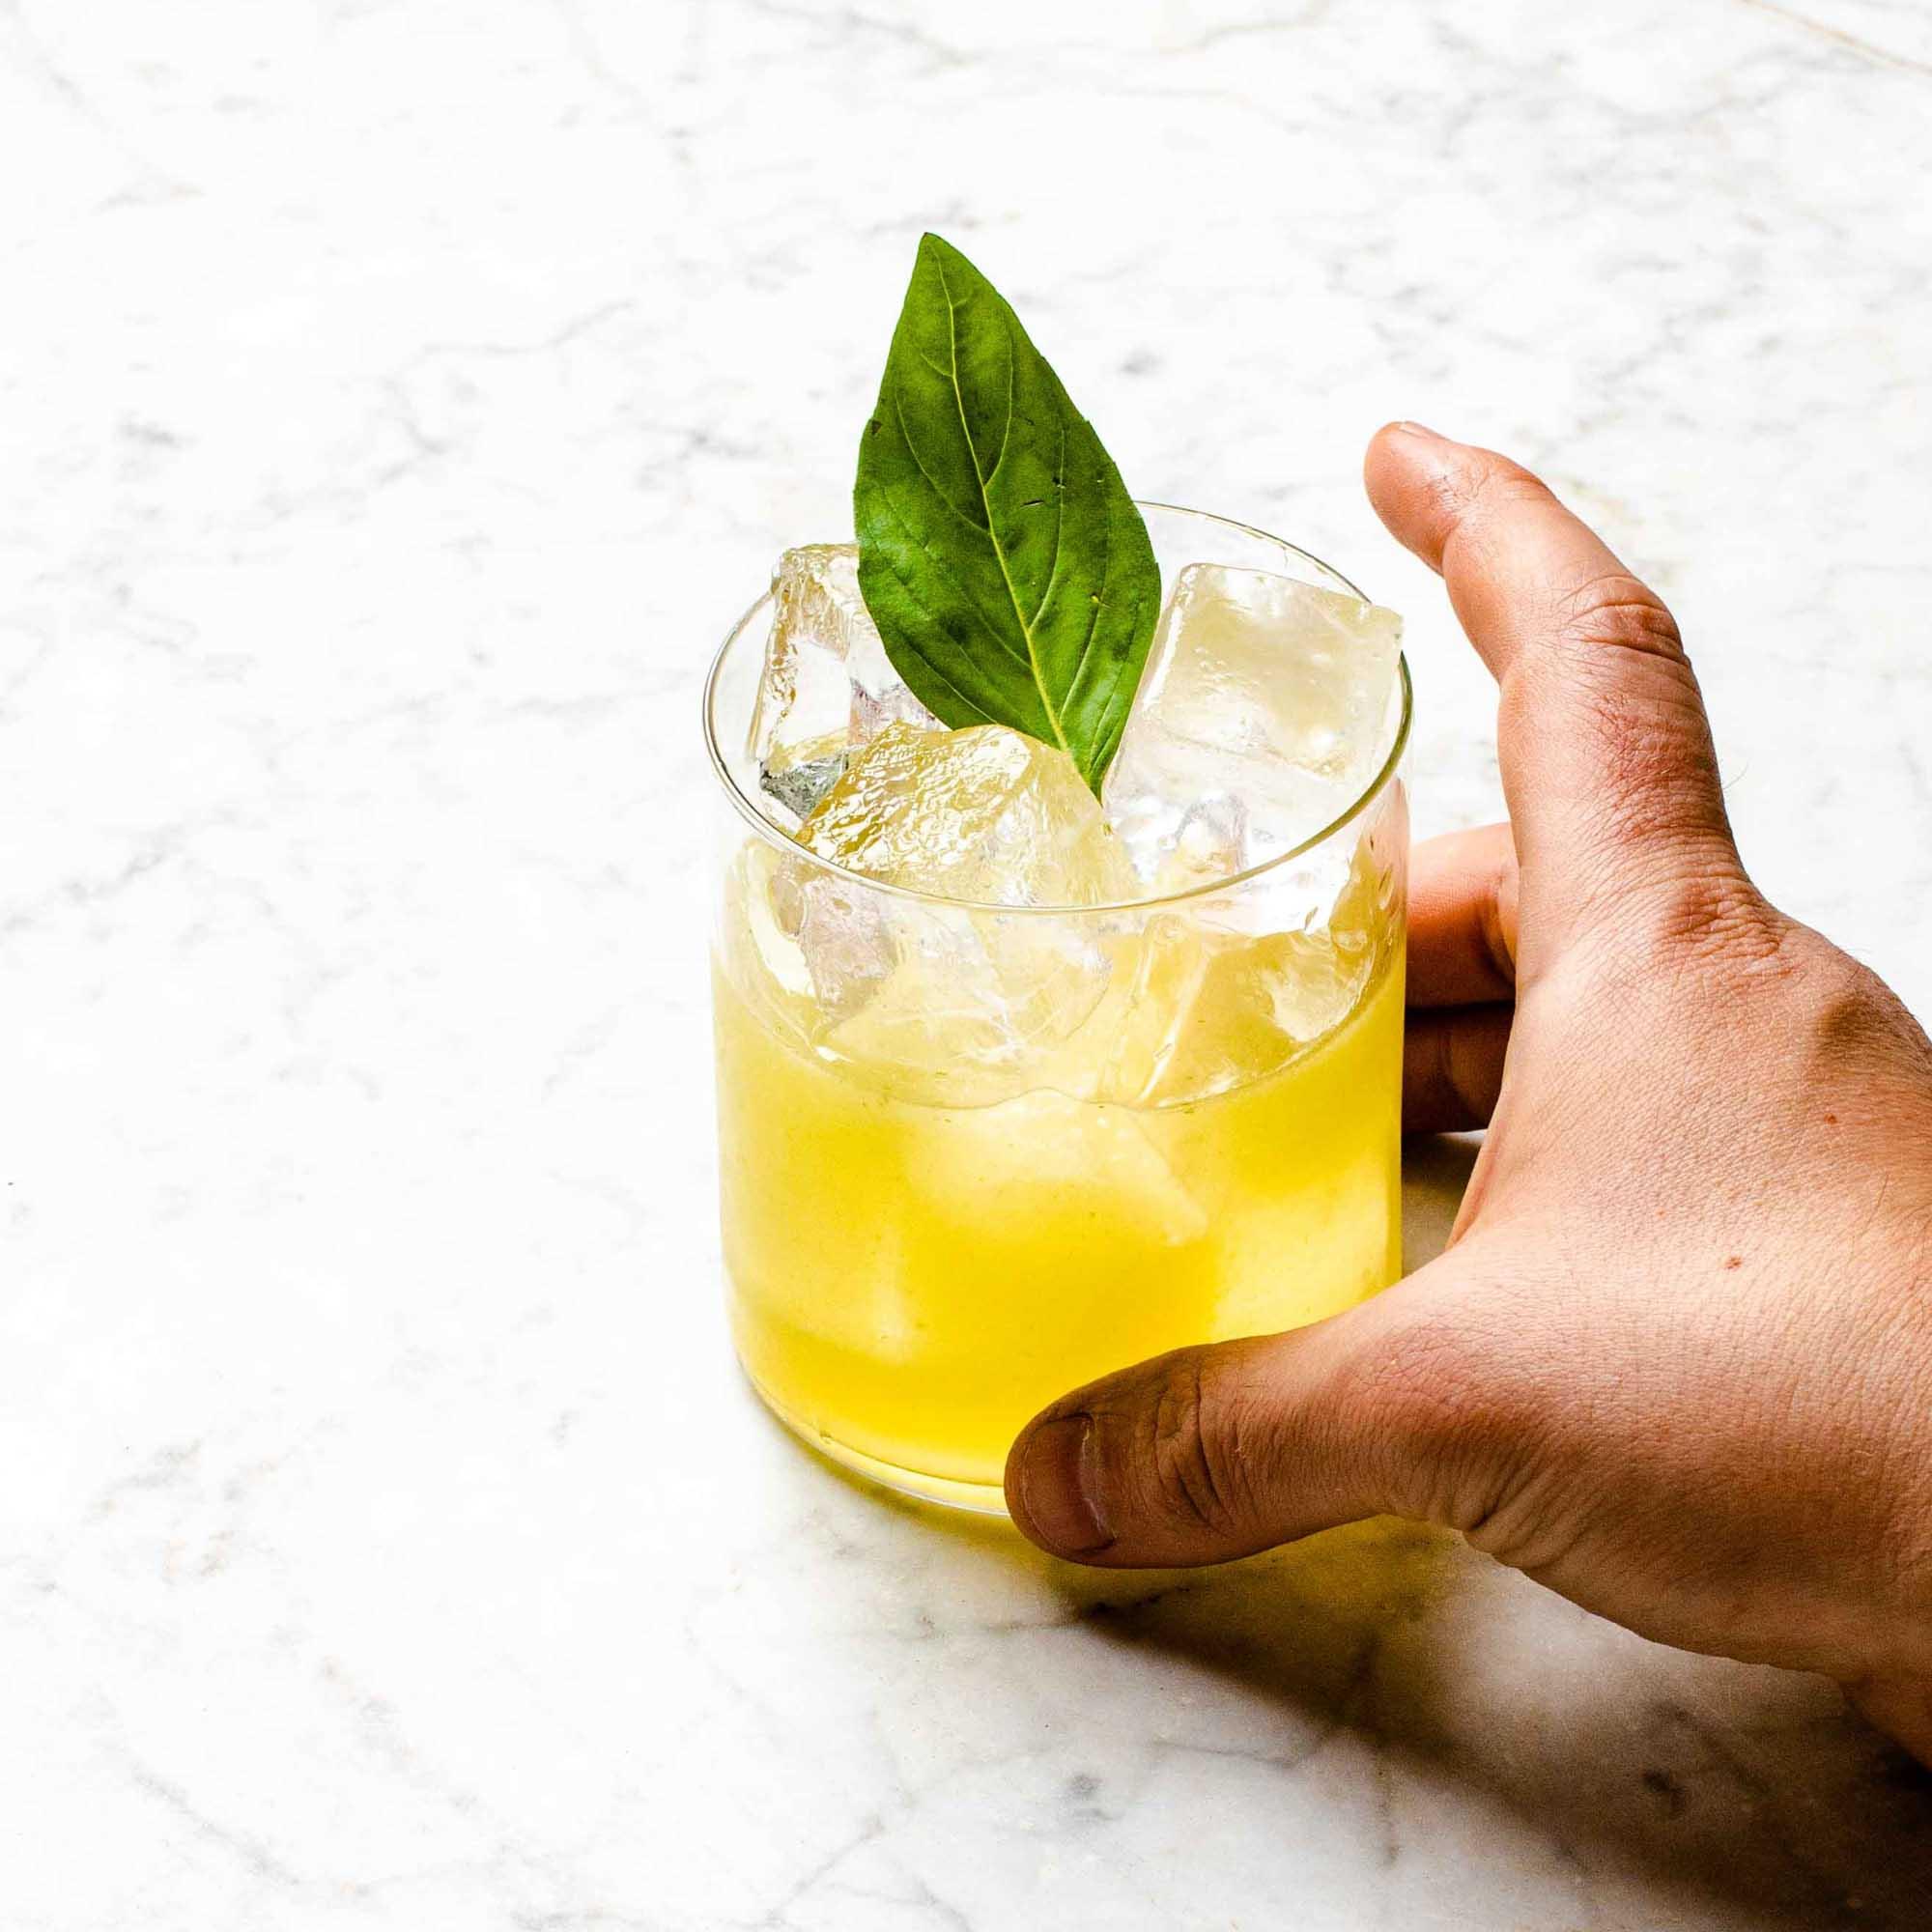 Kraut auf den Drink legen, mit #garnishgame auf Insta posten. Krasser Flex.